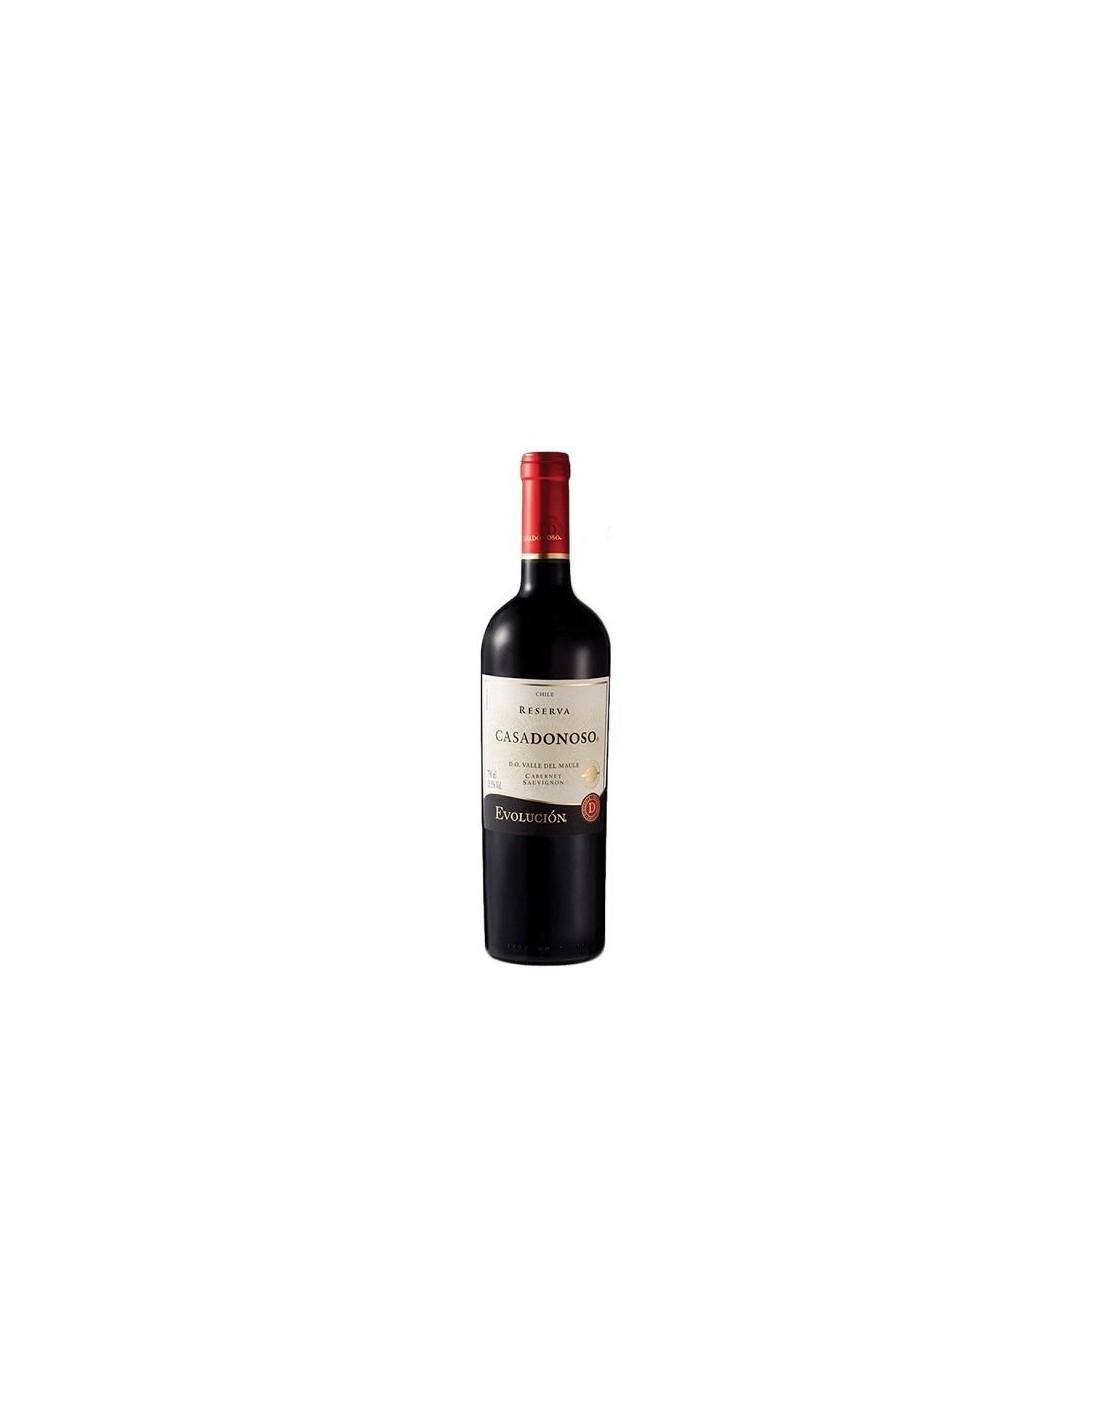 Vin rosu, Cabernet Sauvignon, Casa Donoso Evolución Reserva Valle del Maule, 0.75L, 13% alc., Chile